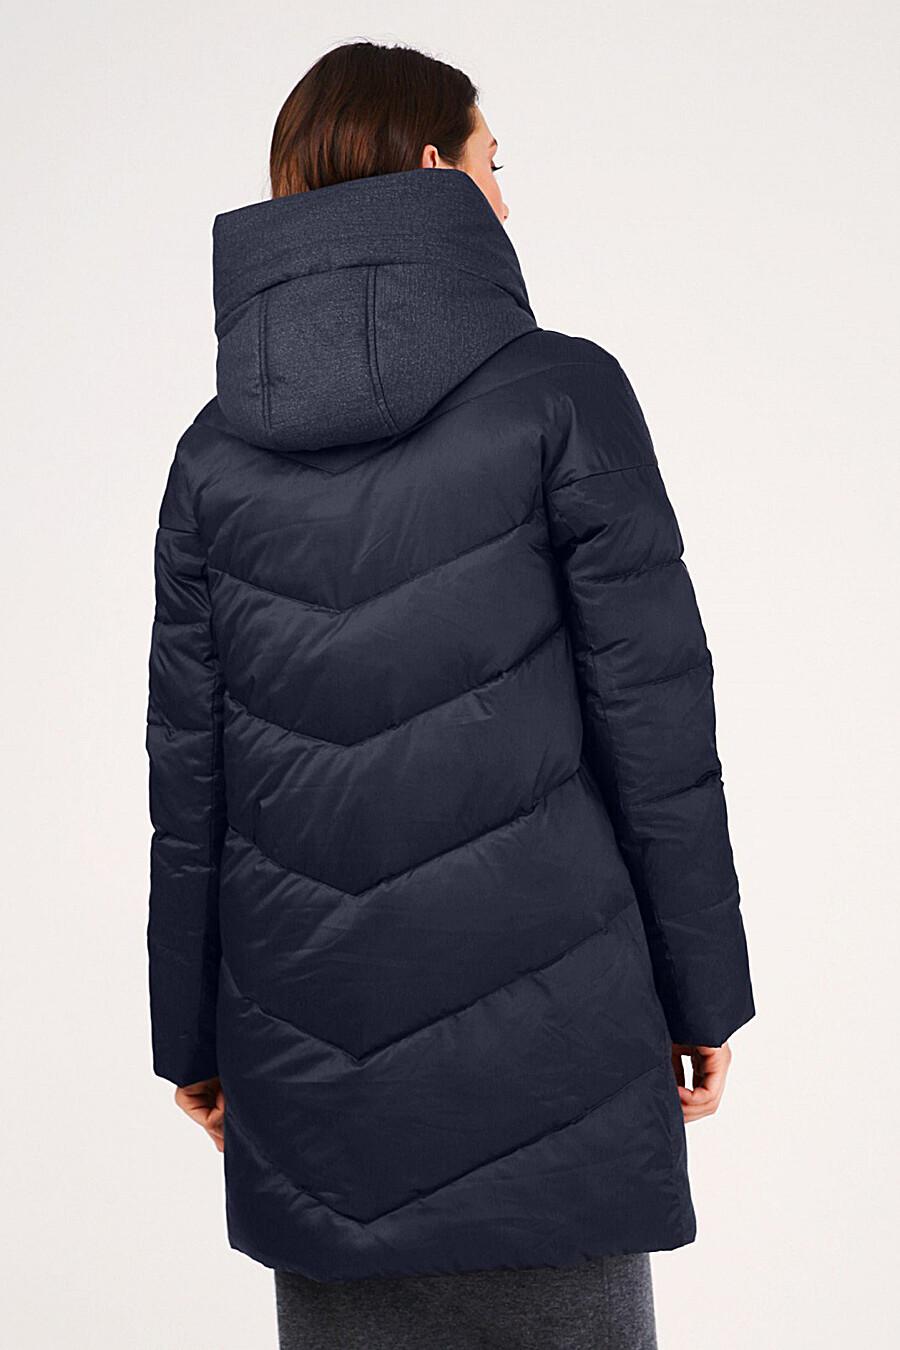 Пальто для женщин TOM FARR 155108 купить оптом от производителя. Совместная покупка женской одежды в OptMoyo